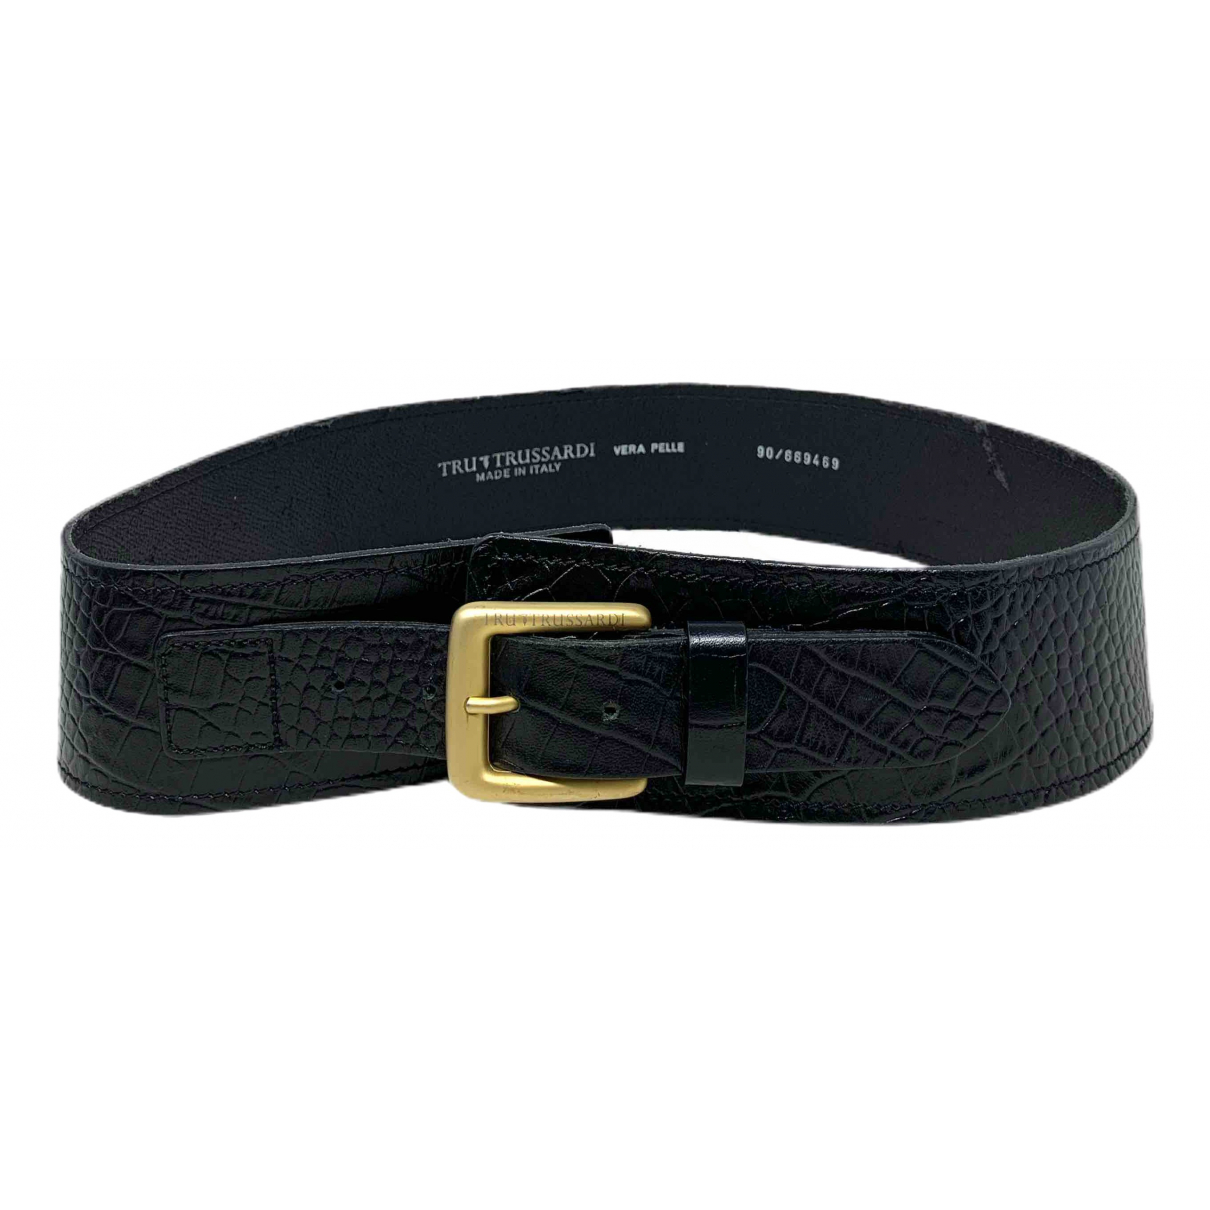 Cinturon de Cuero Trussardi